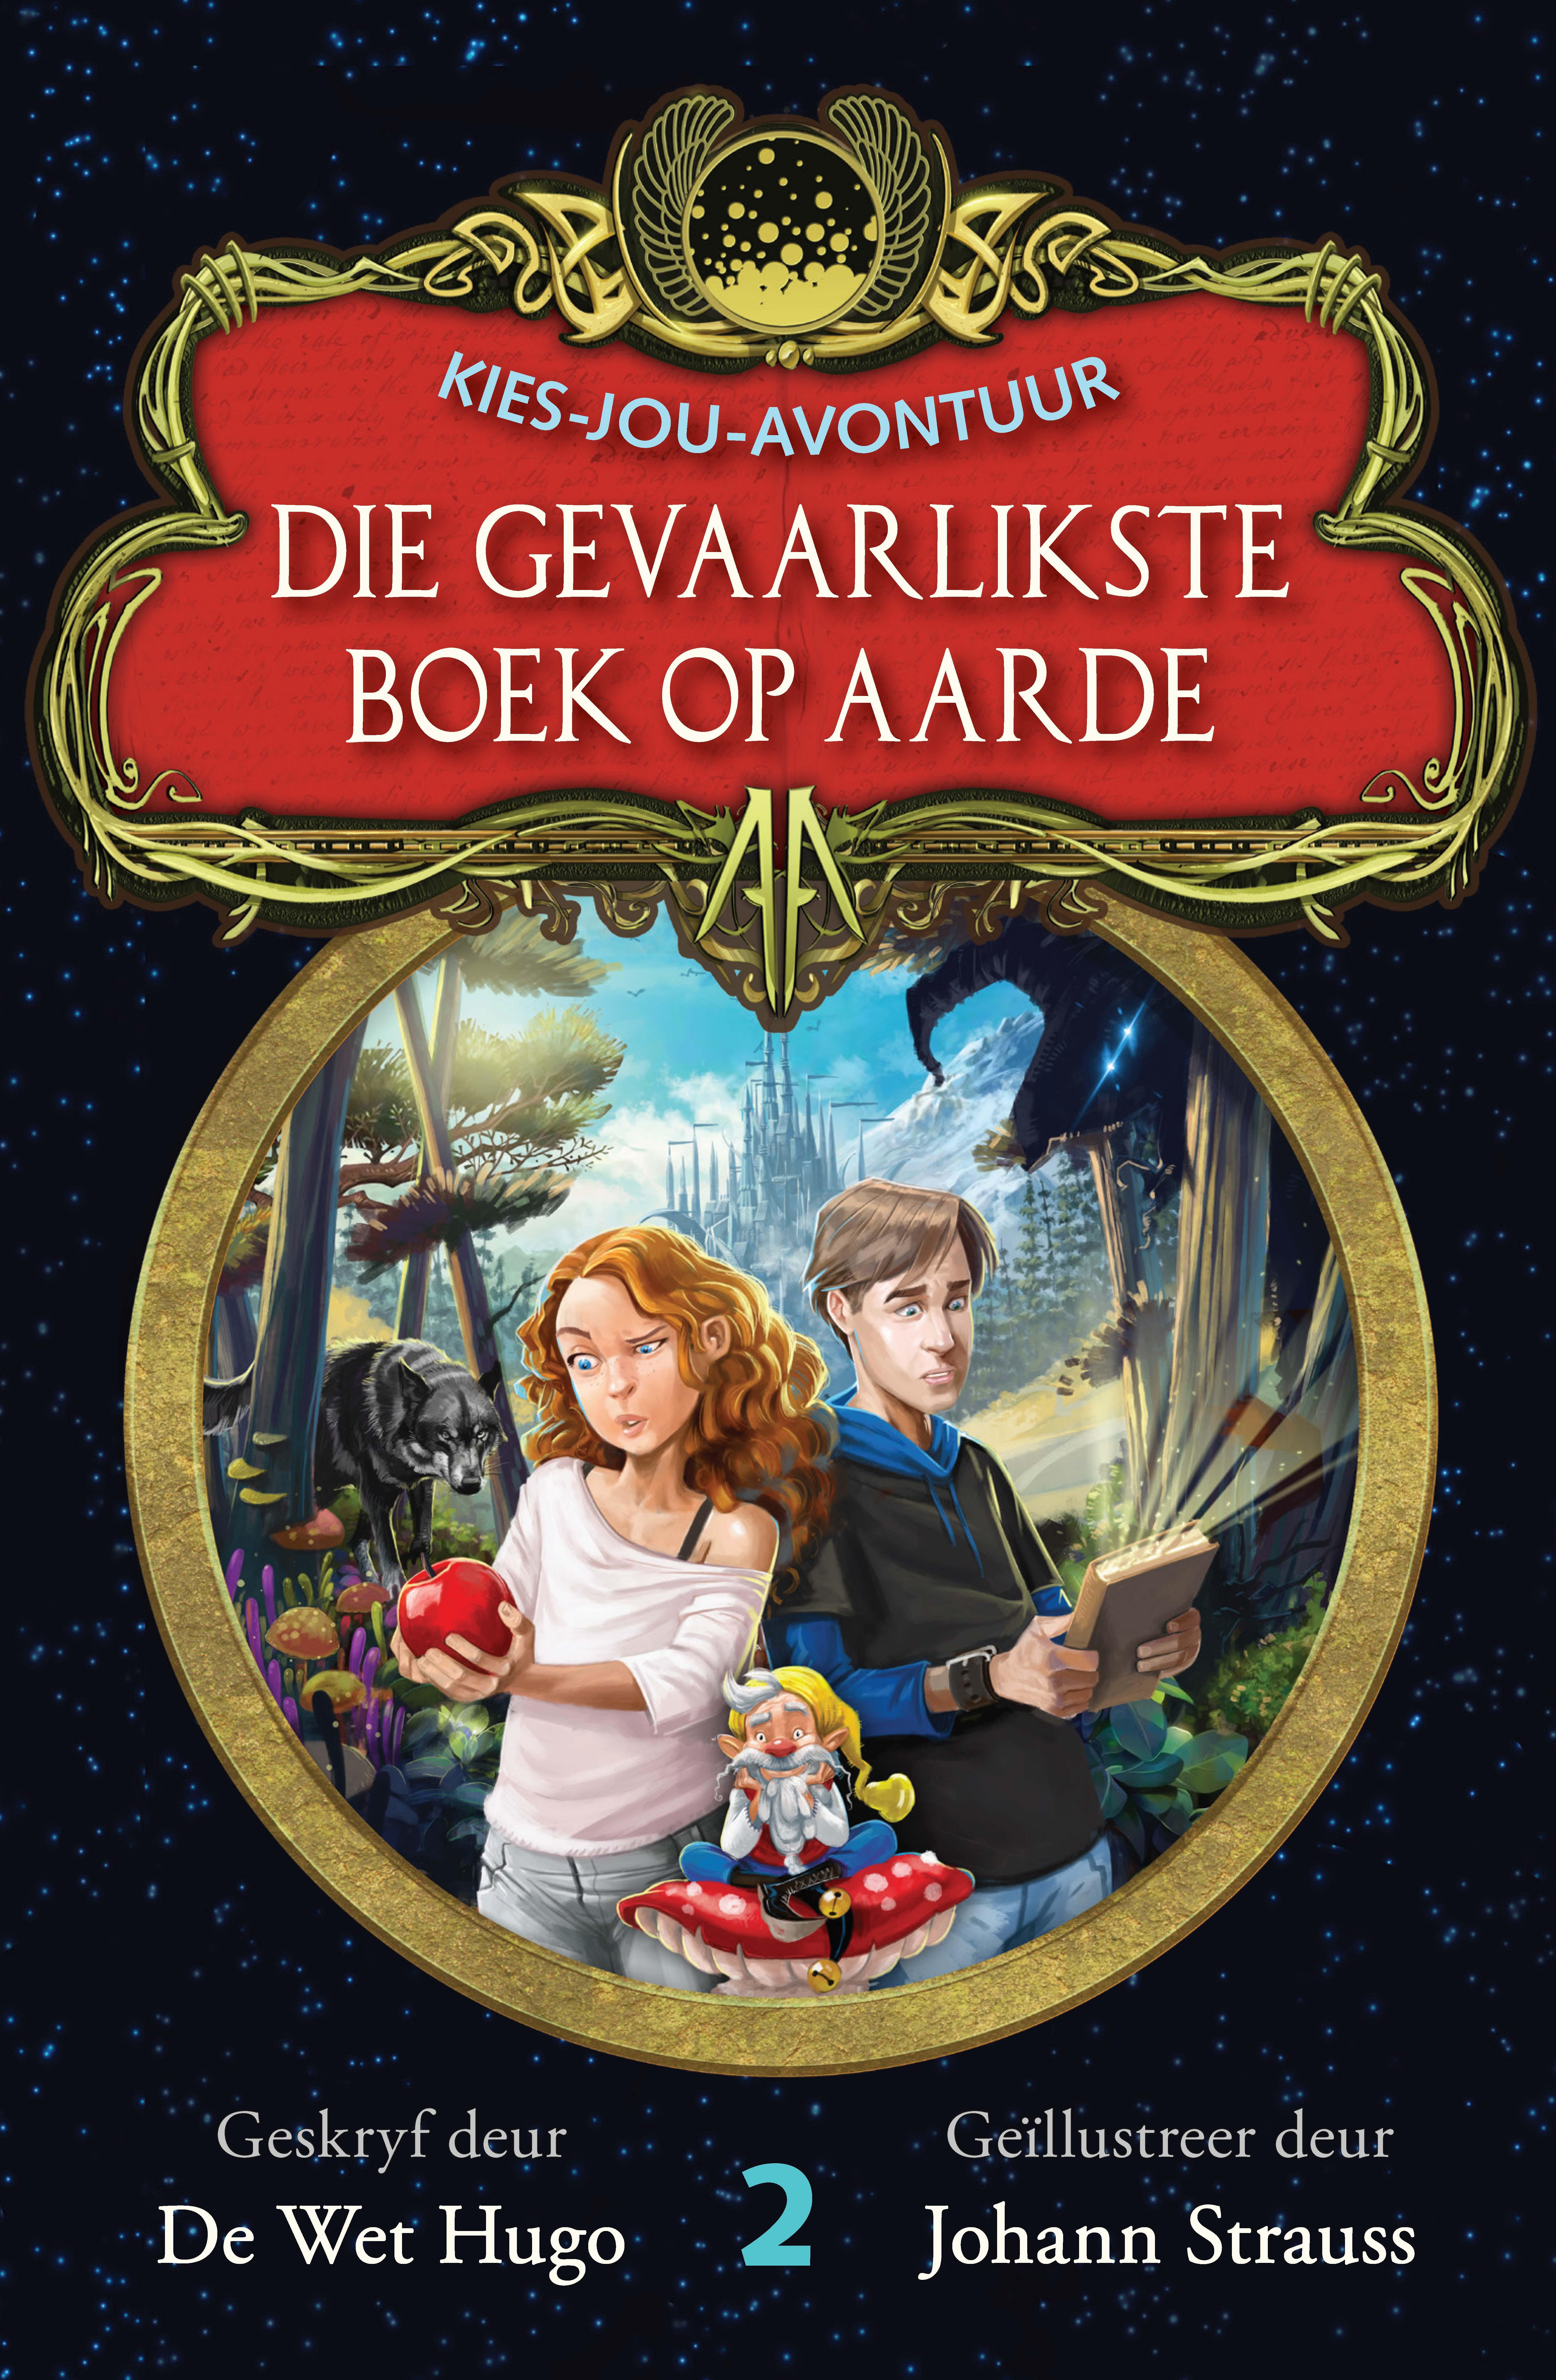 Picture of Kies-Jou-Avontuur 2: Die Gevaarlikste Boek op Aarde